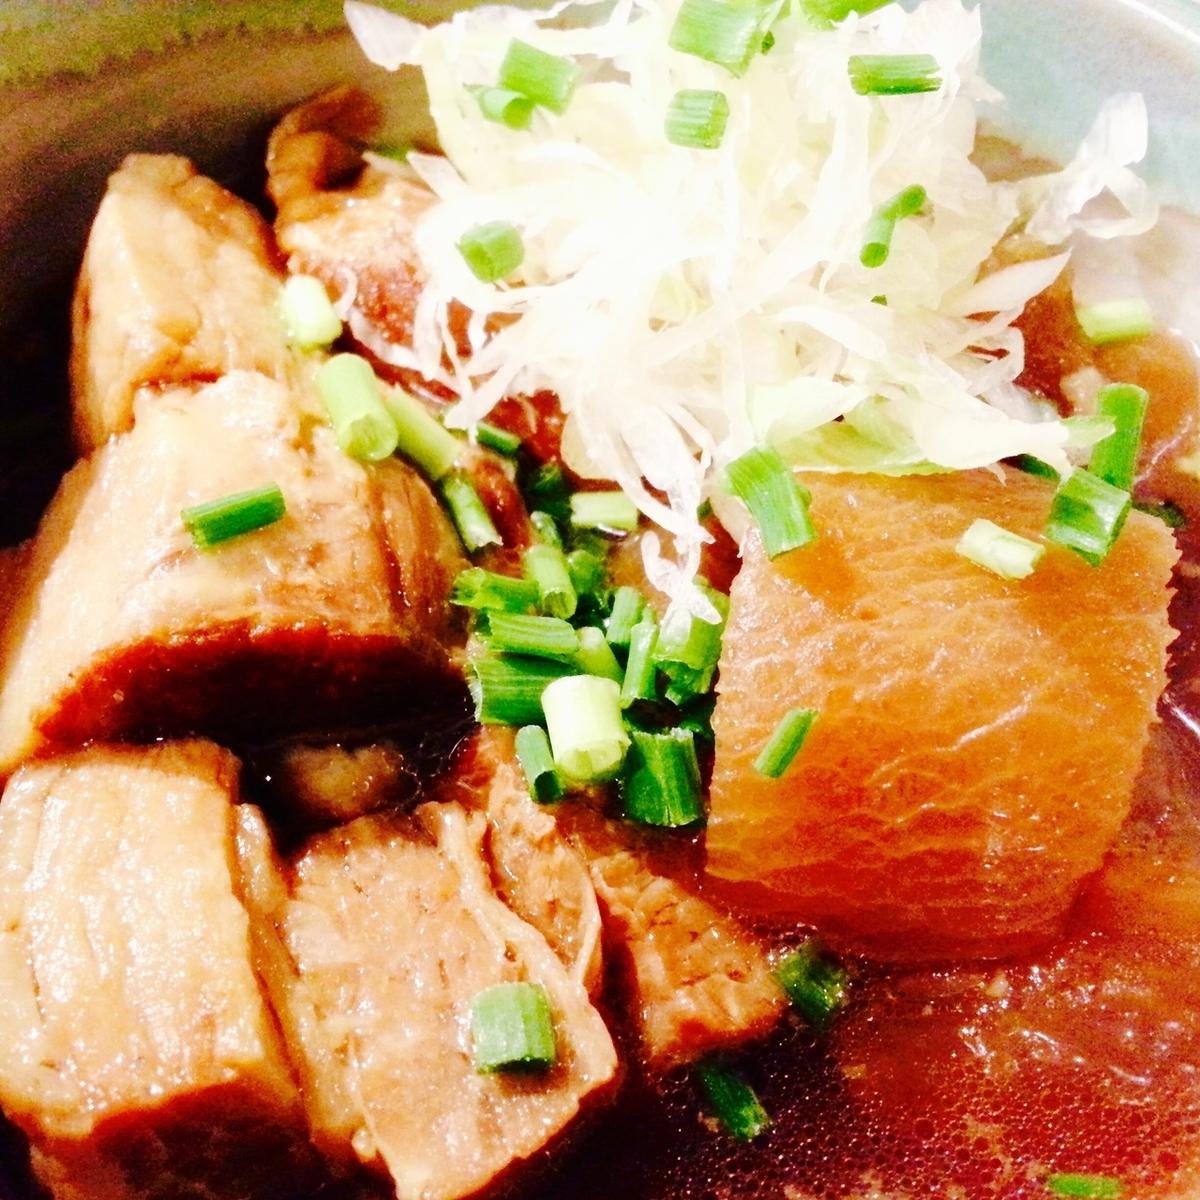 Pork belly boiled